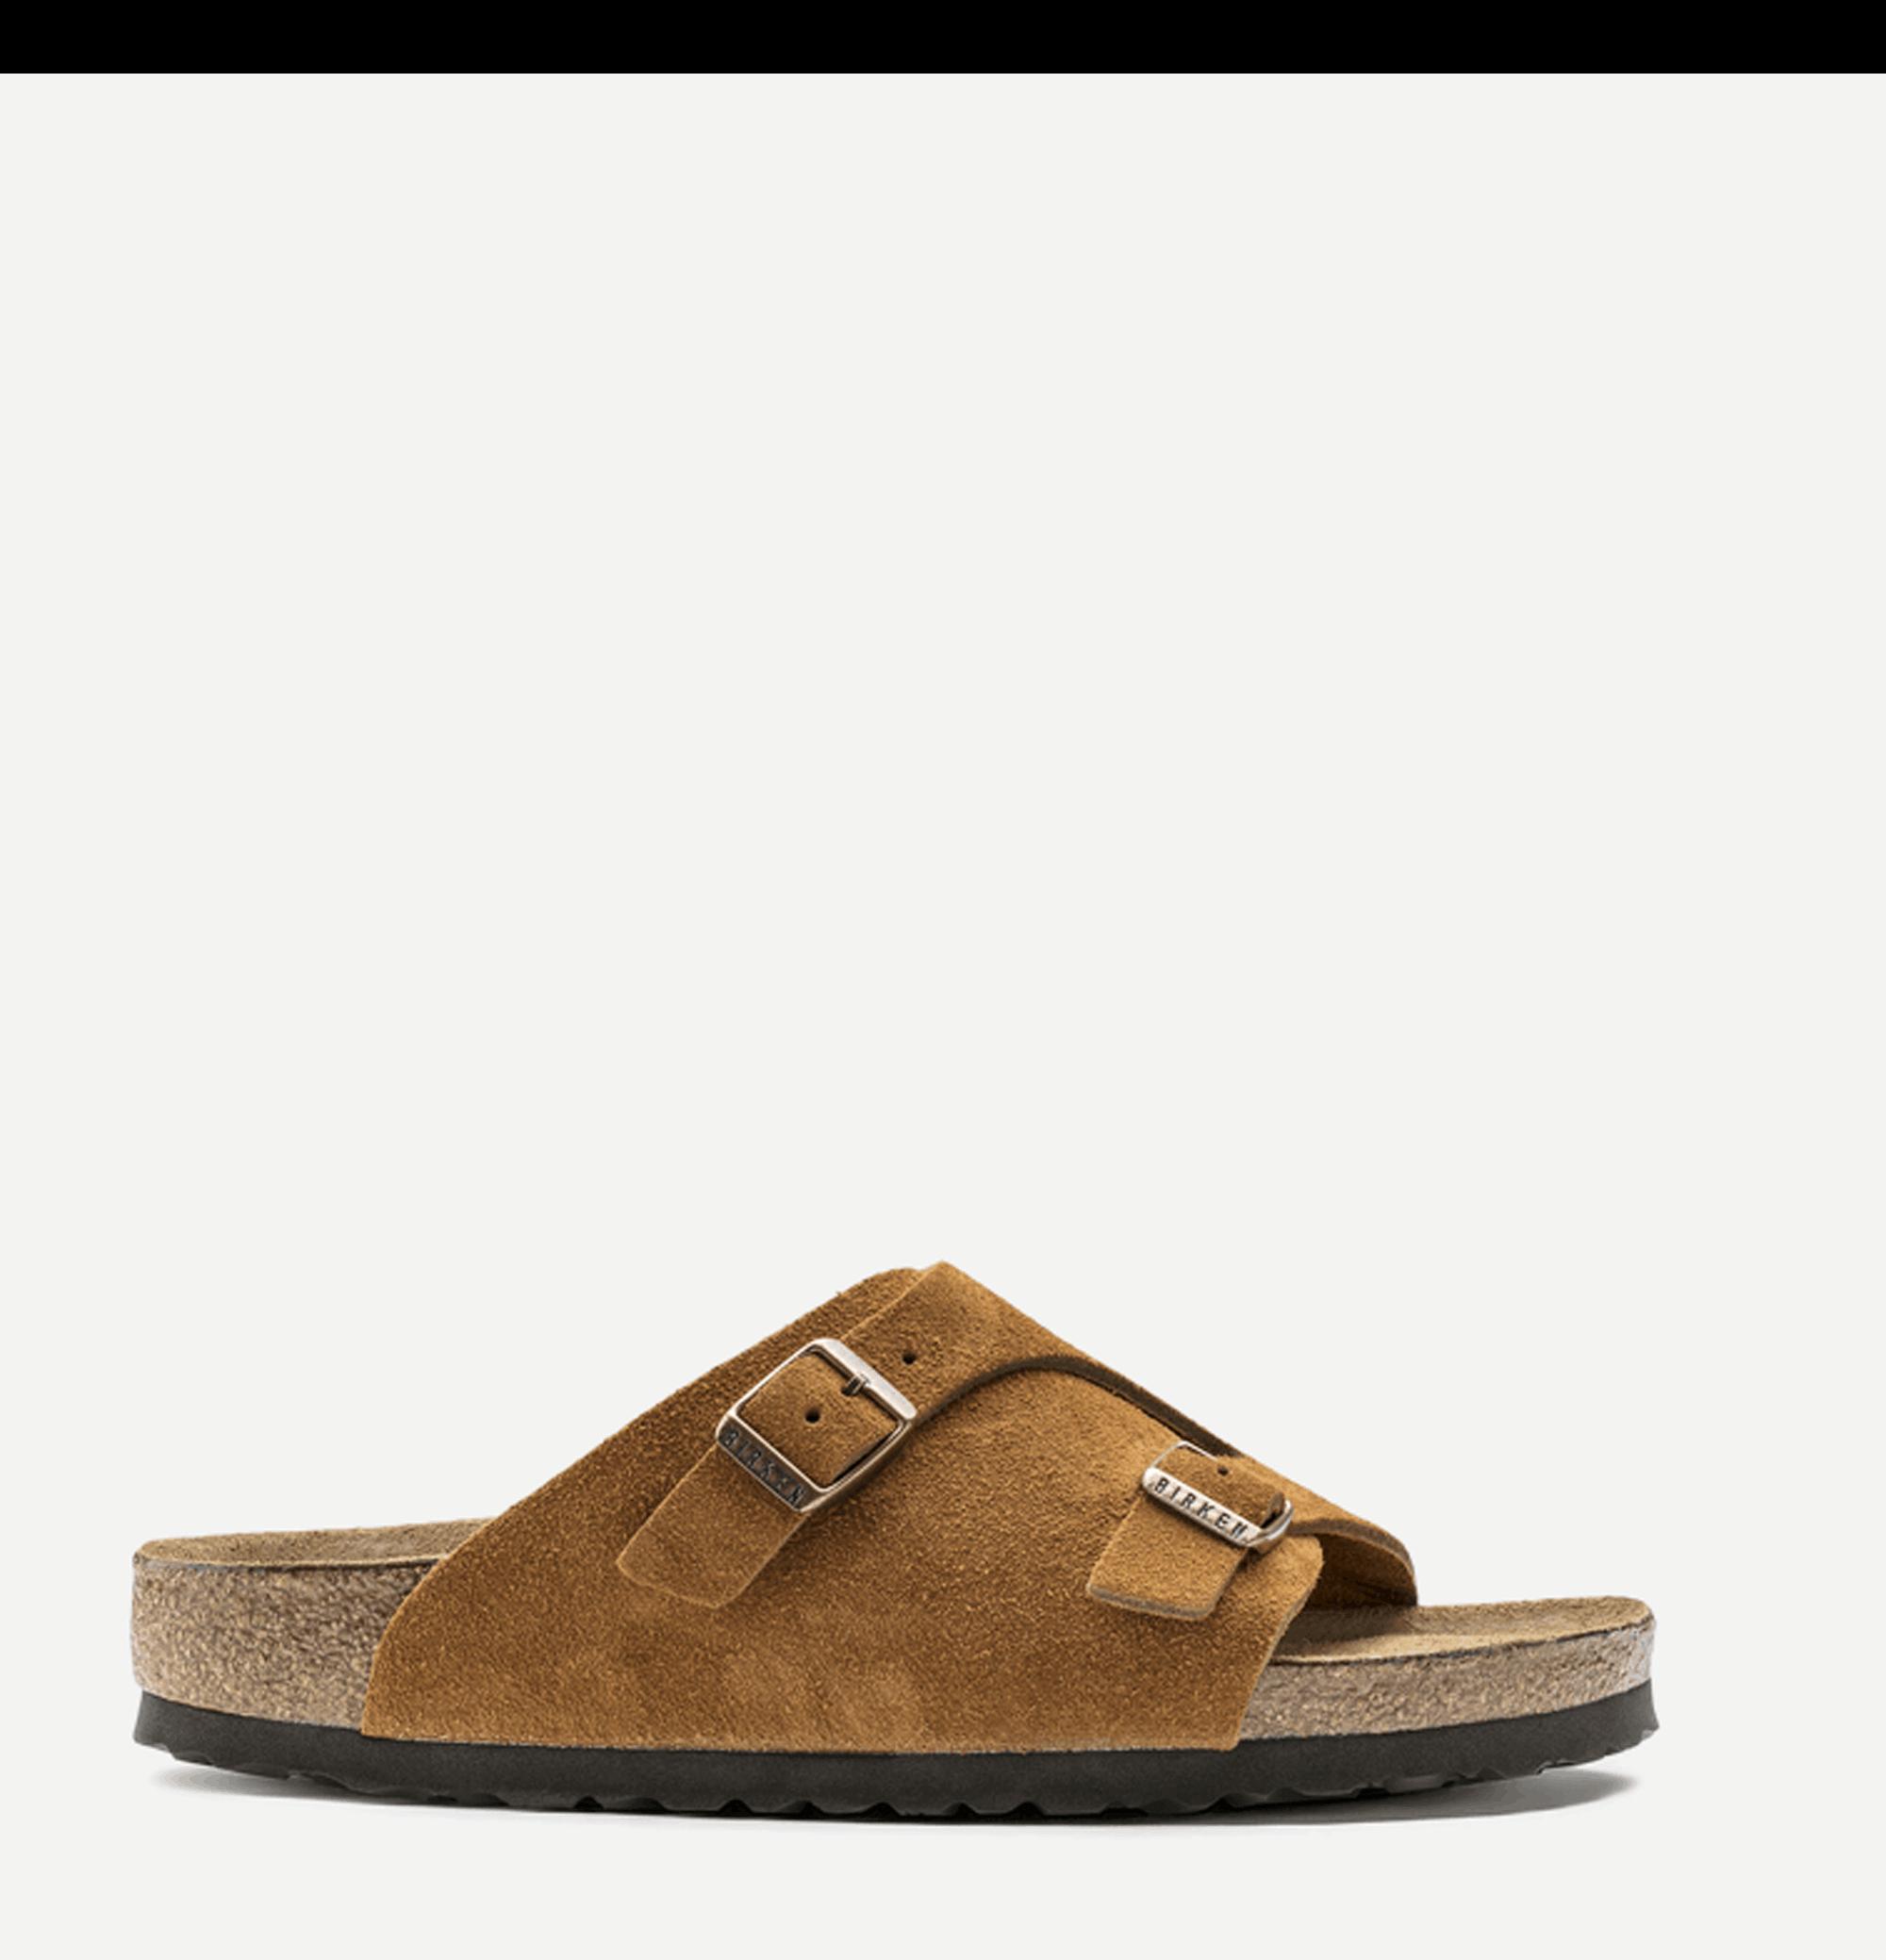 Womens Sandals Zurich Mink...